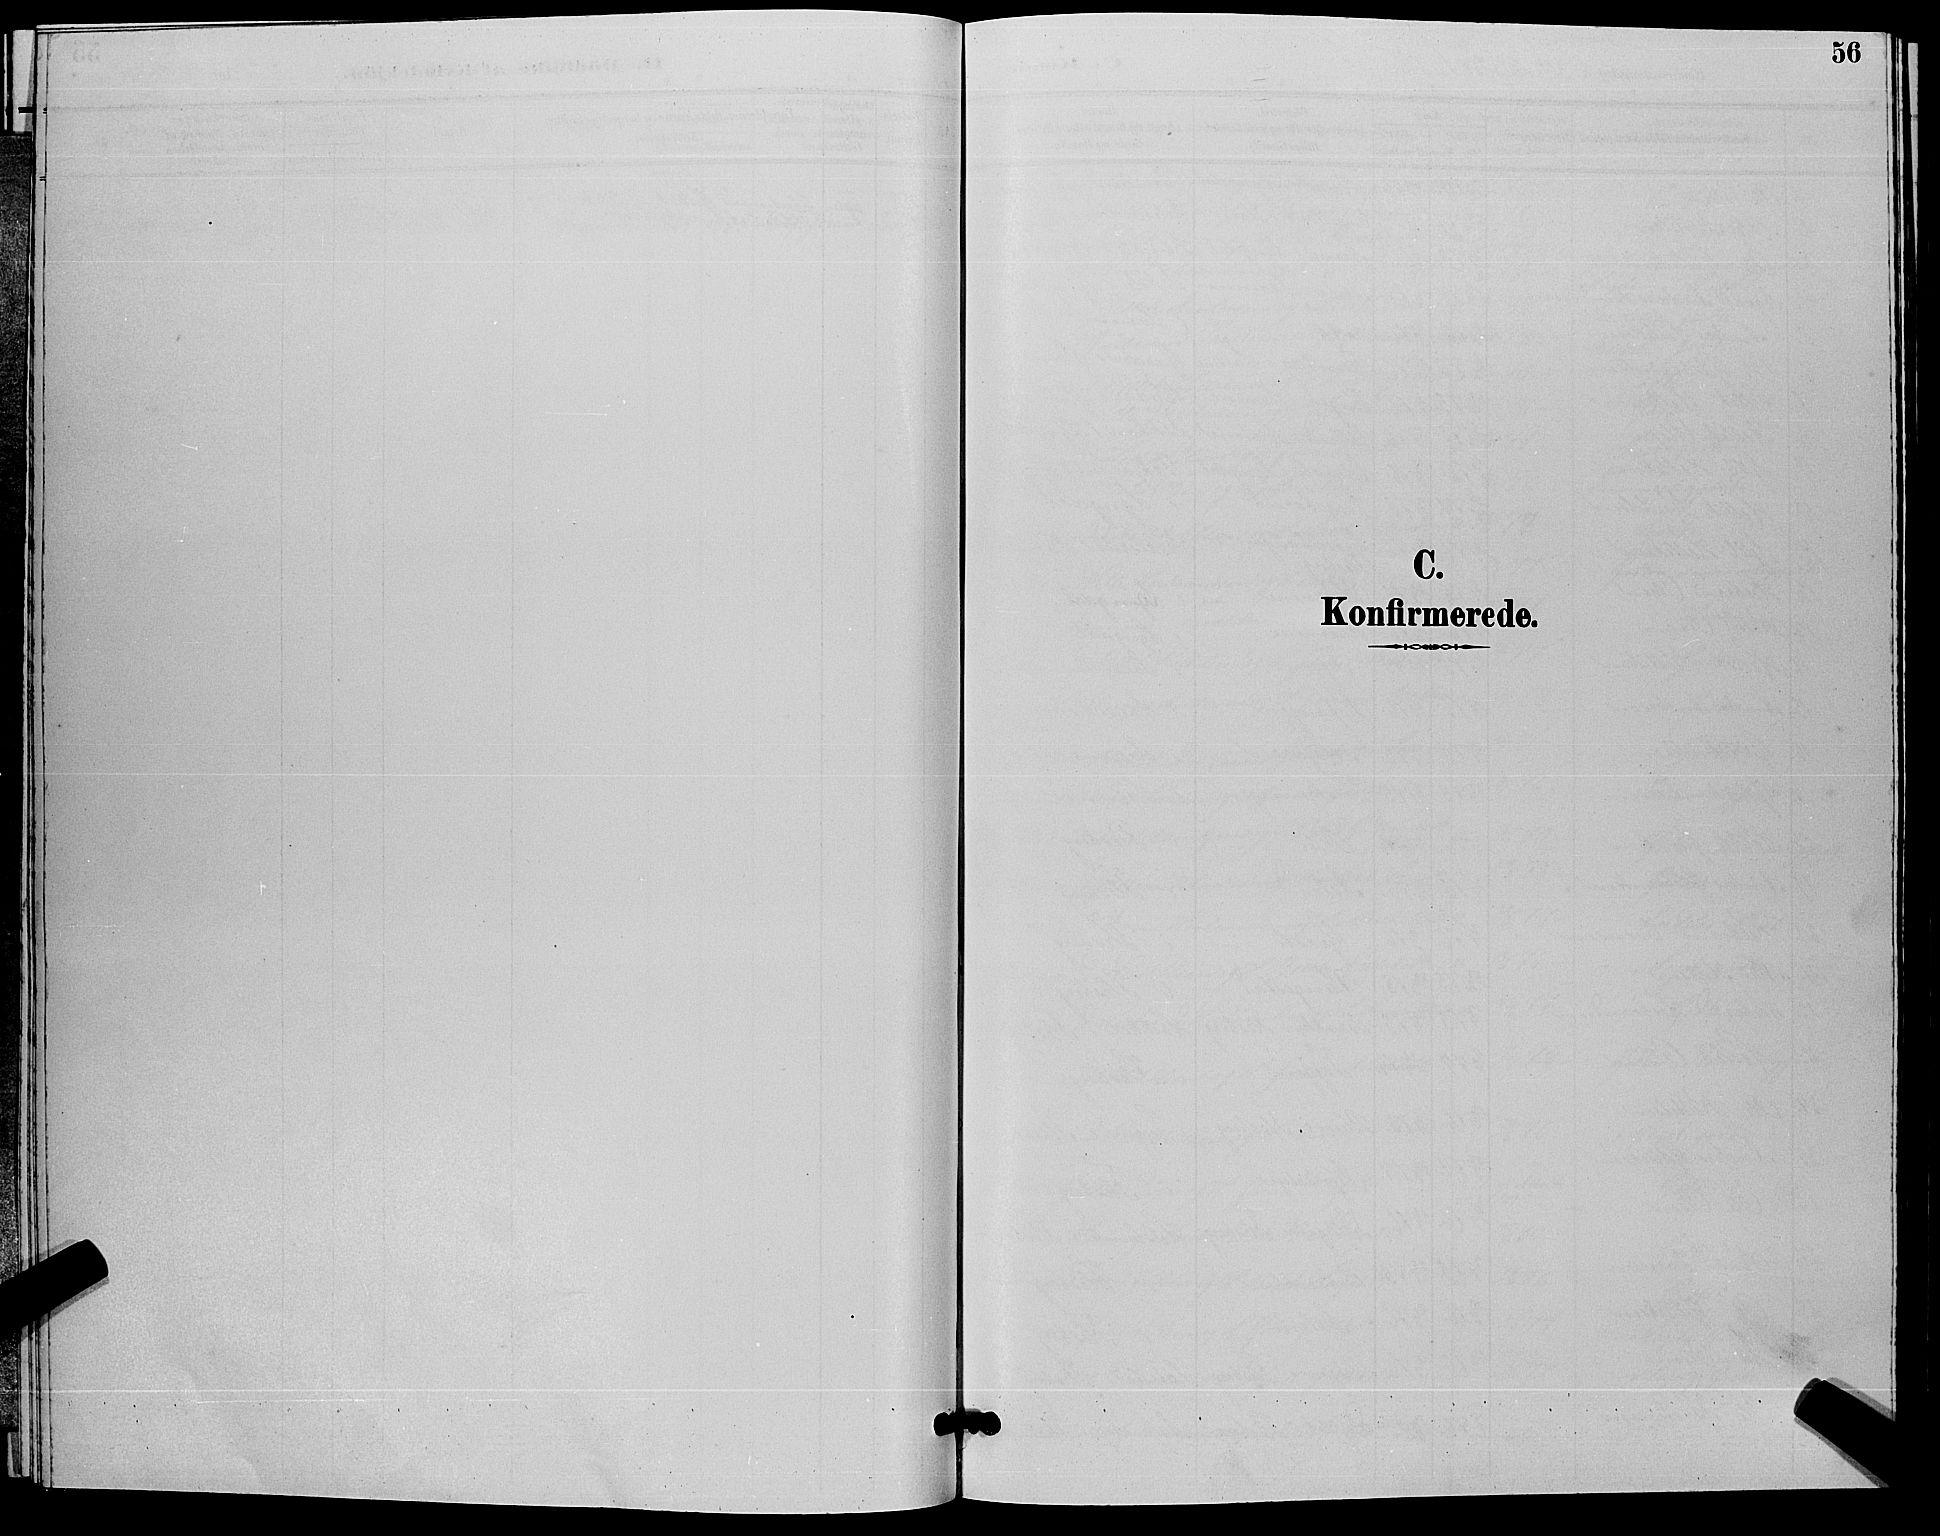 SAKO, Flesberg kirkebøker, G/Ga/L0004: Klokkerbok nr. I 4 /1, 1890-1898, s. 56